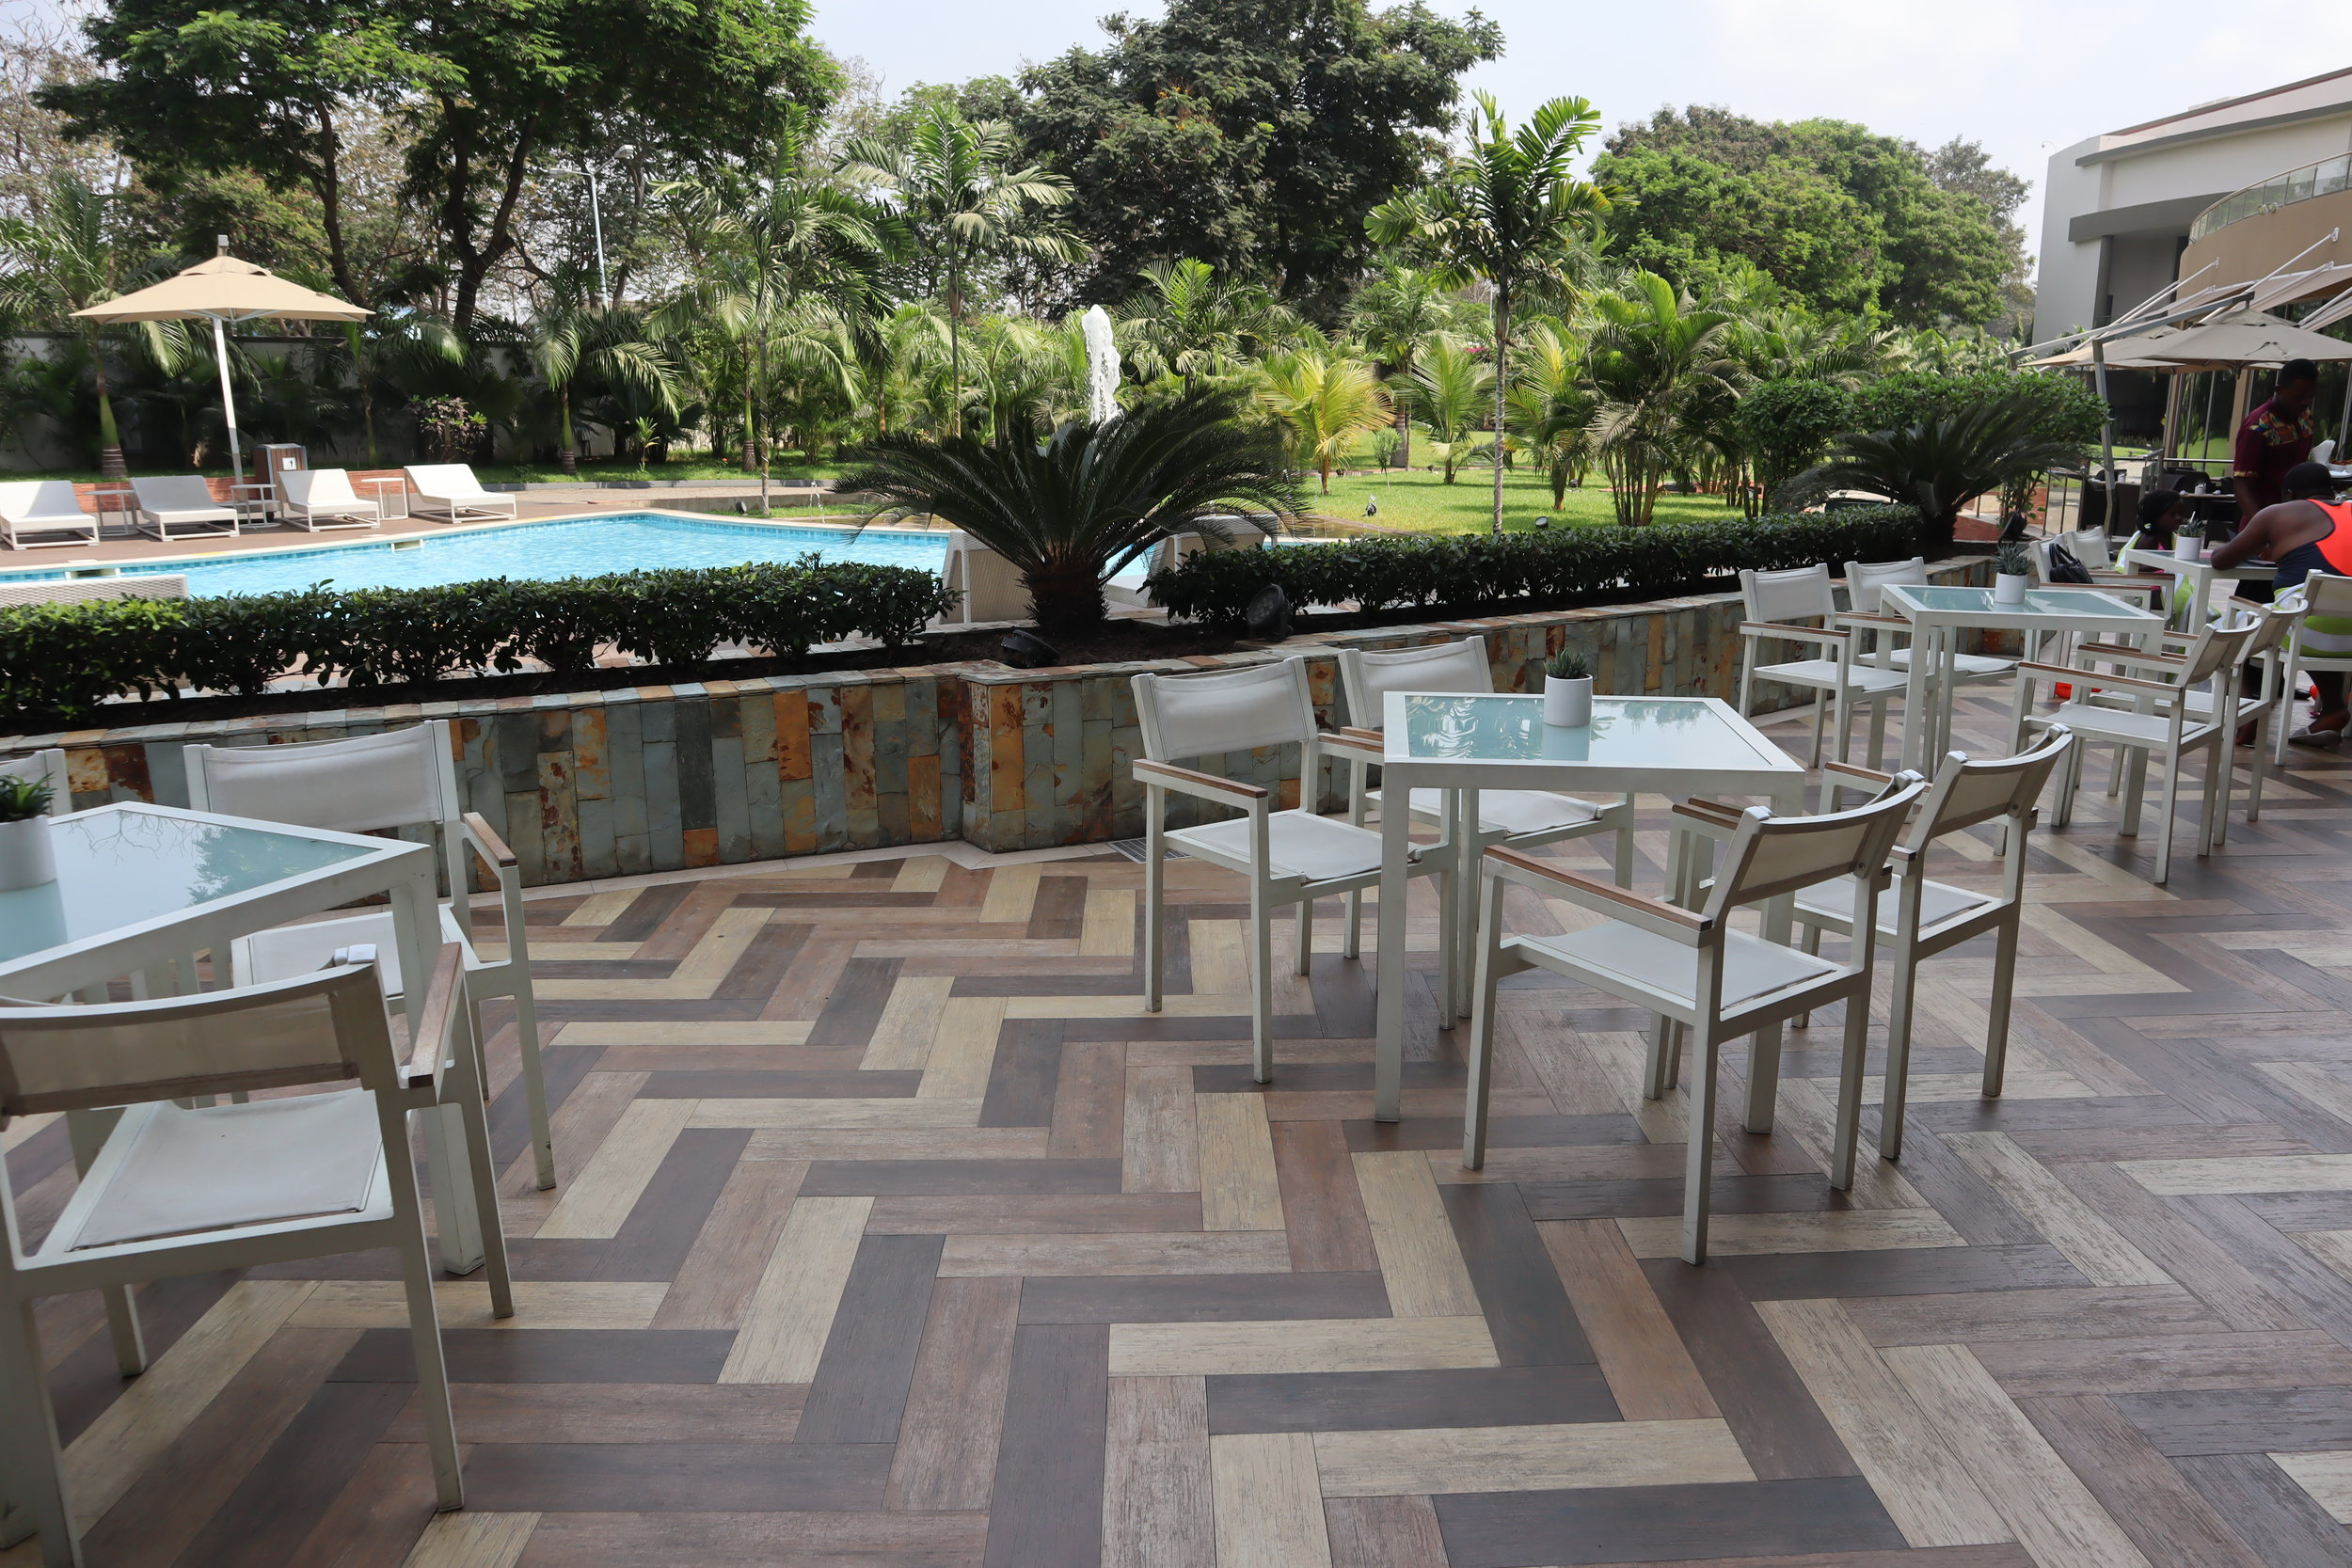 Marriott Accra – Poolside